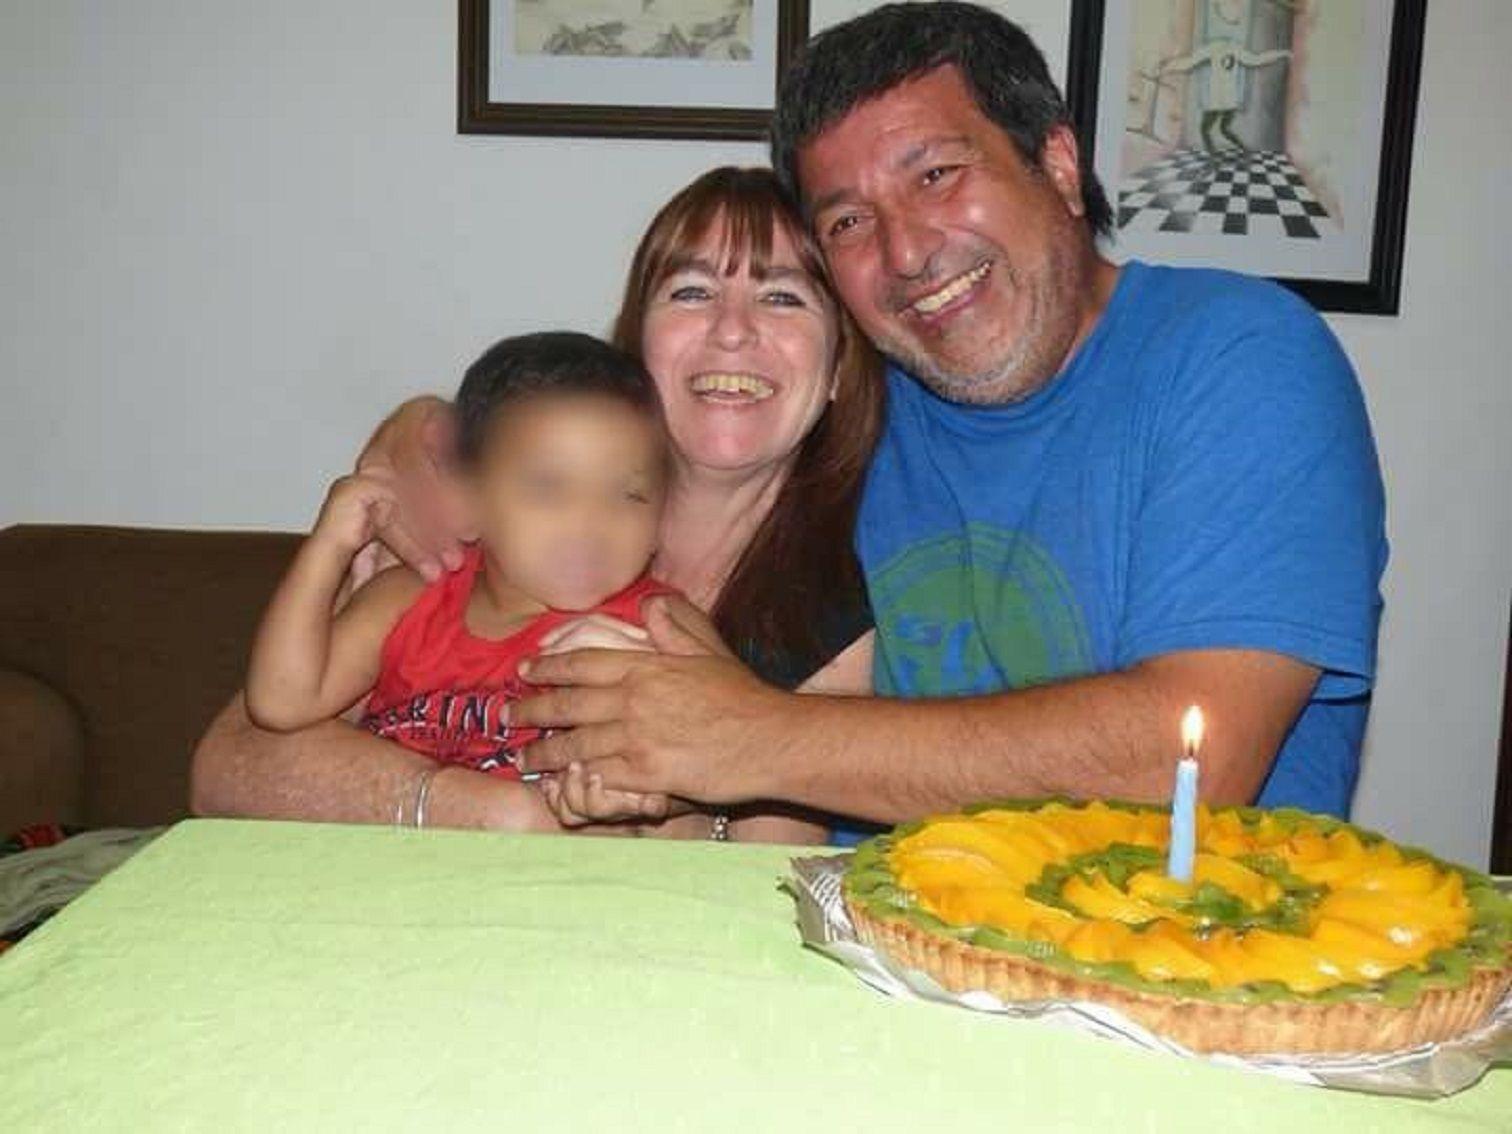 Una familia junta firmas para poder adoptar a un nene de 3 años